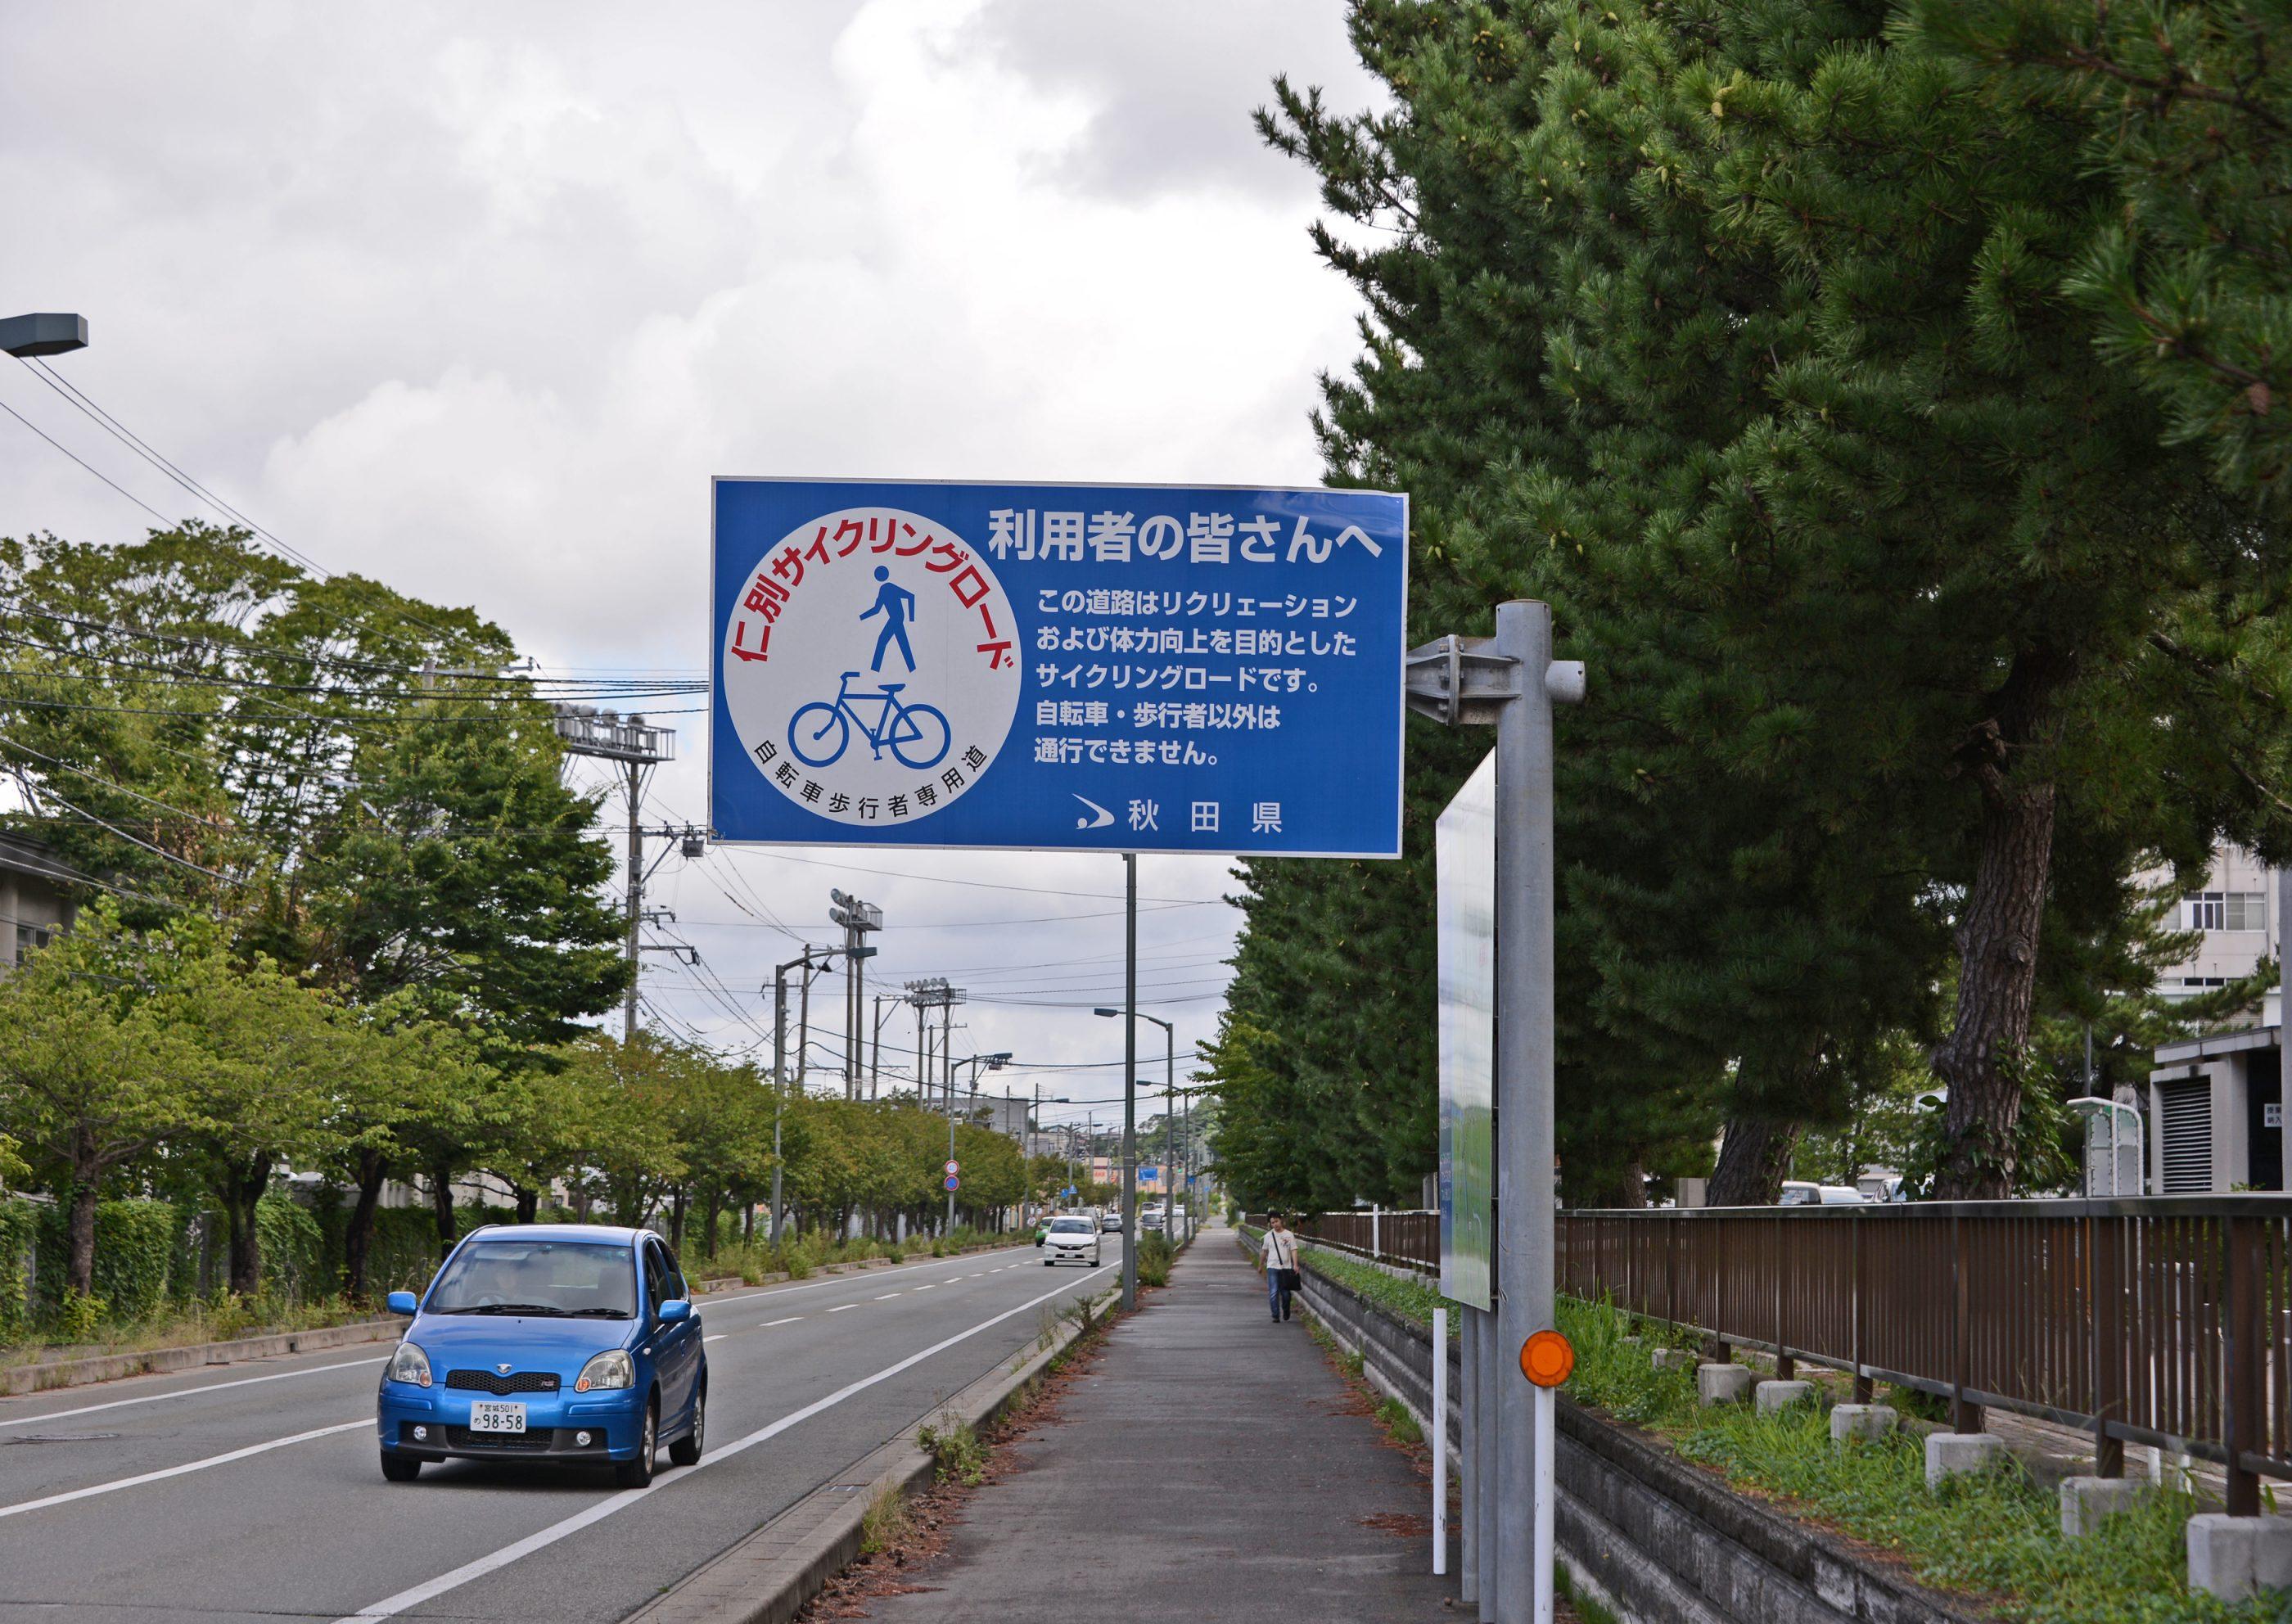 ⇑ ここは秋田大学の正門横です。何か違和感のある看板です。この歩道は自転車道なのか?